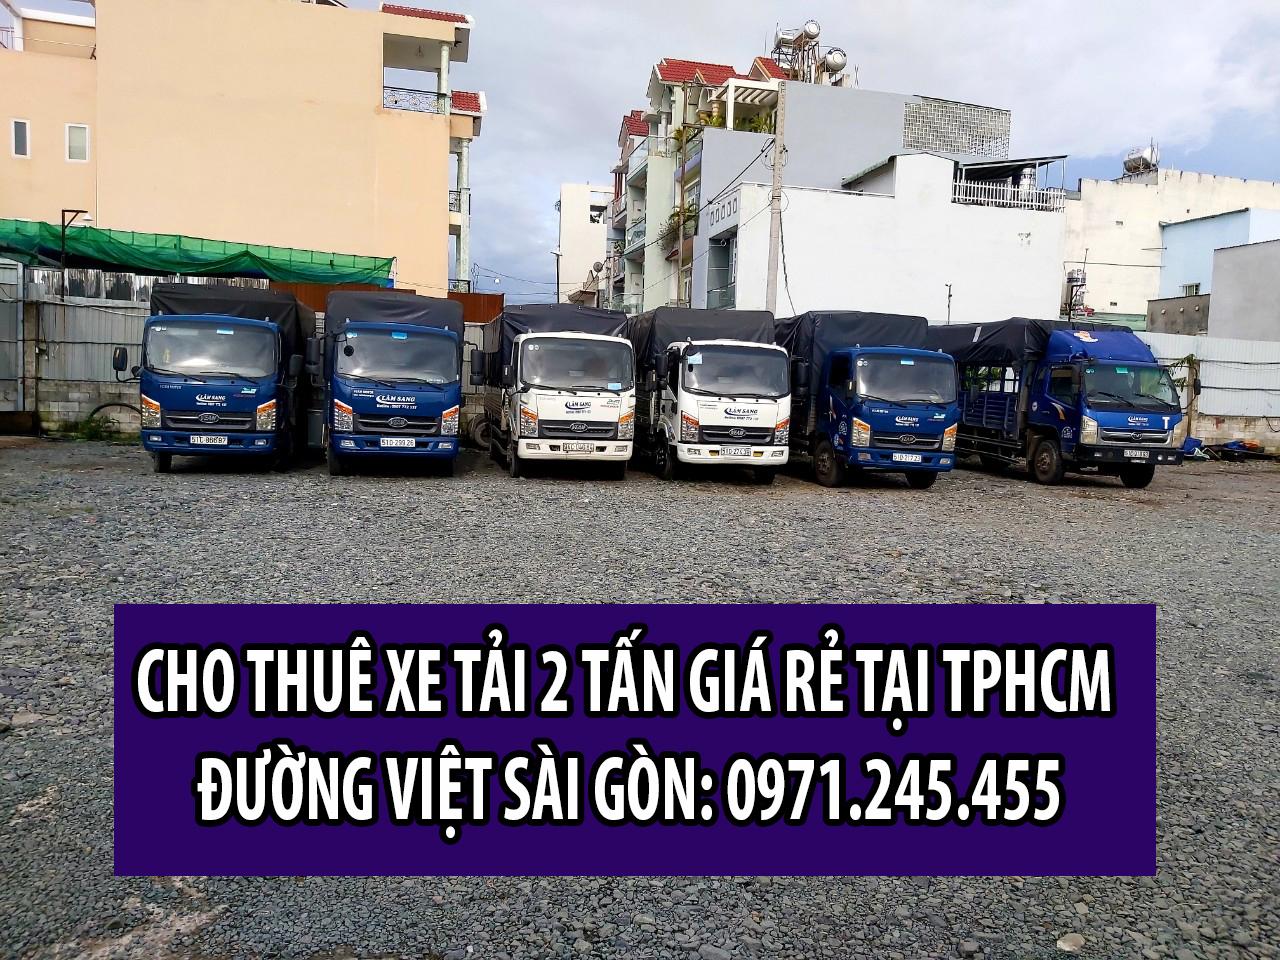 Cho thuê xe tải 2 tấn giá rẻ